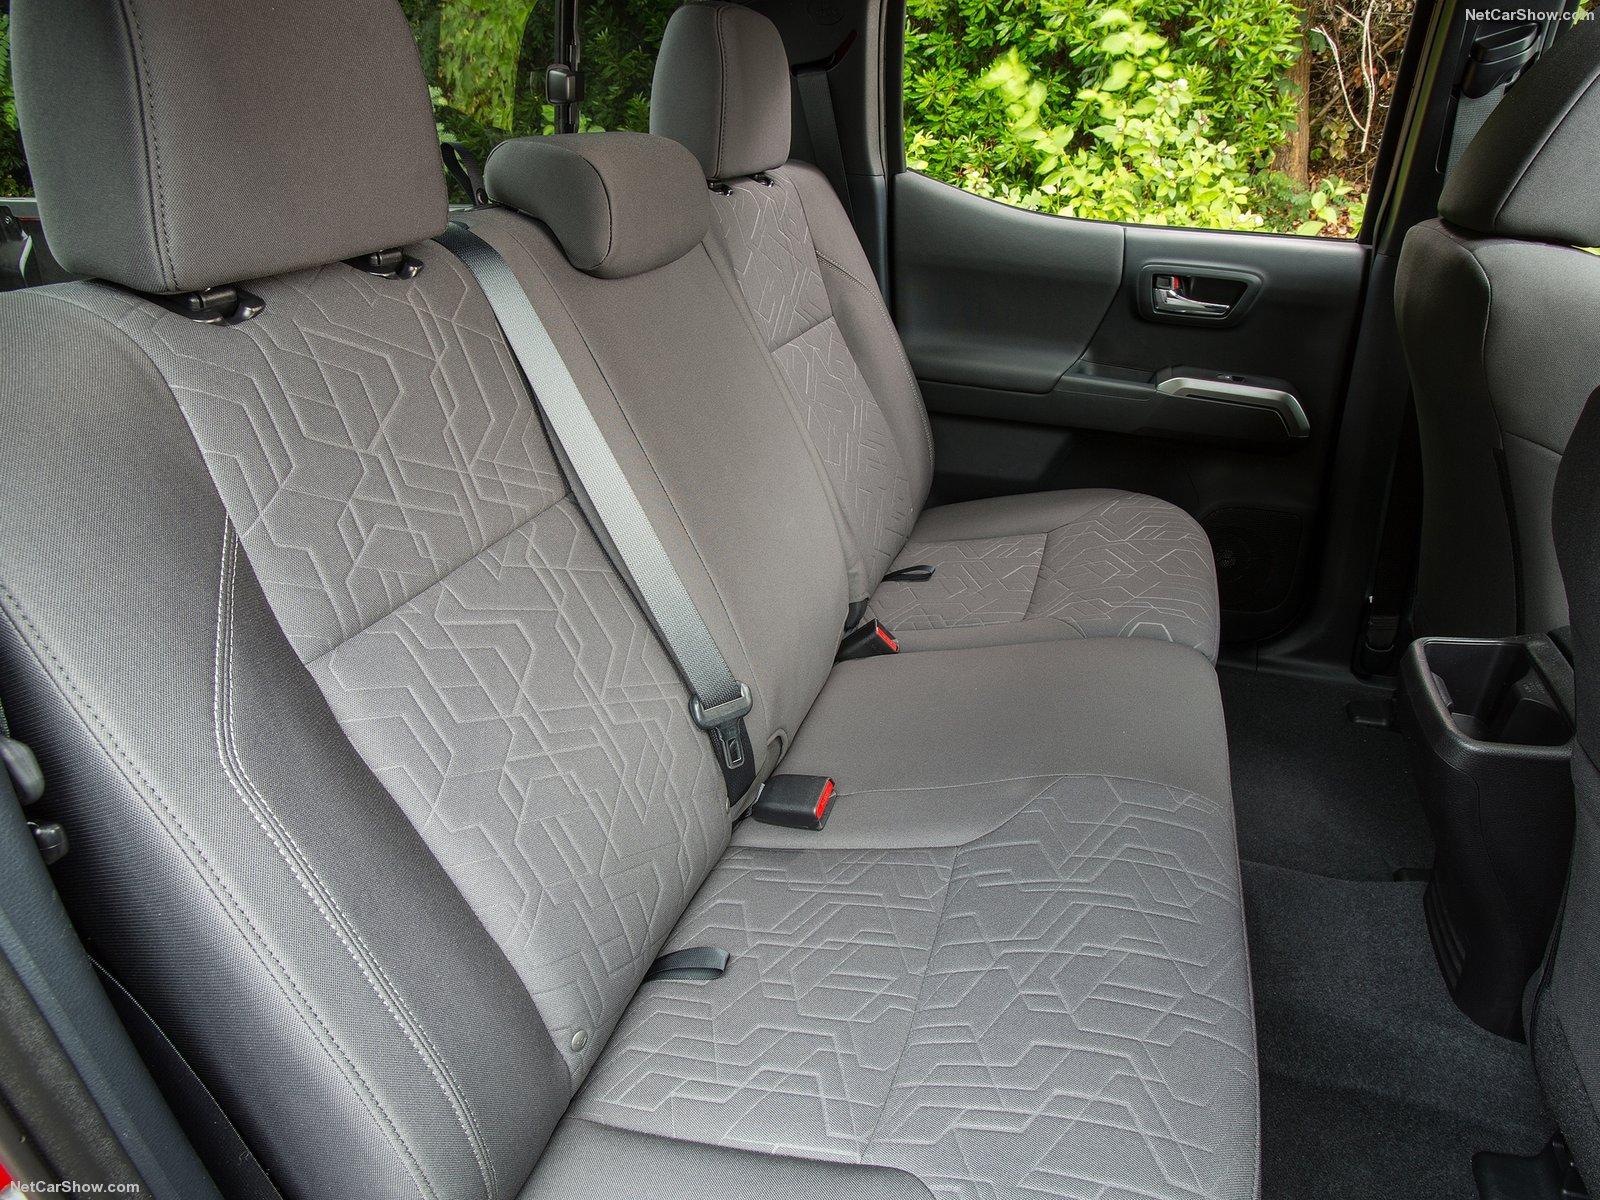 Hình ảnh xe ô tô Toyota Tacoma 2016 & nội ngoại thất